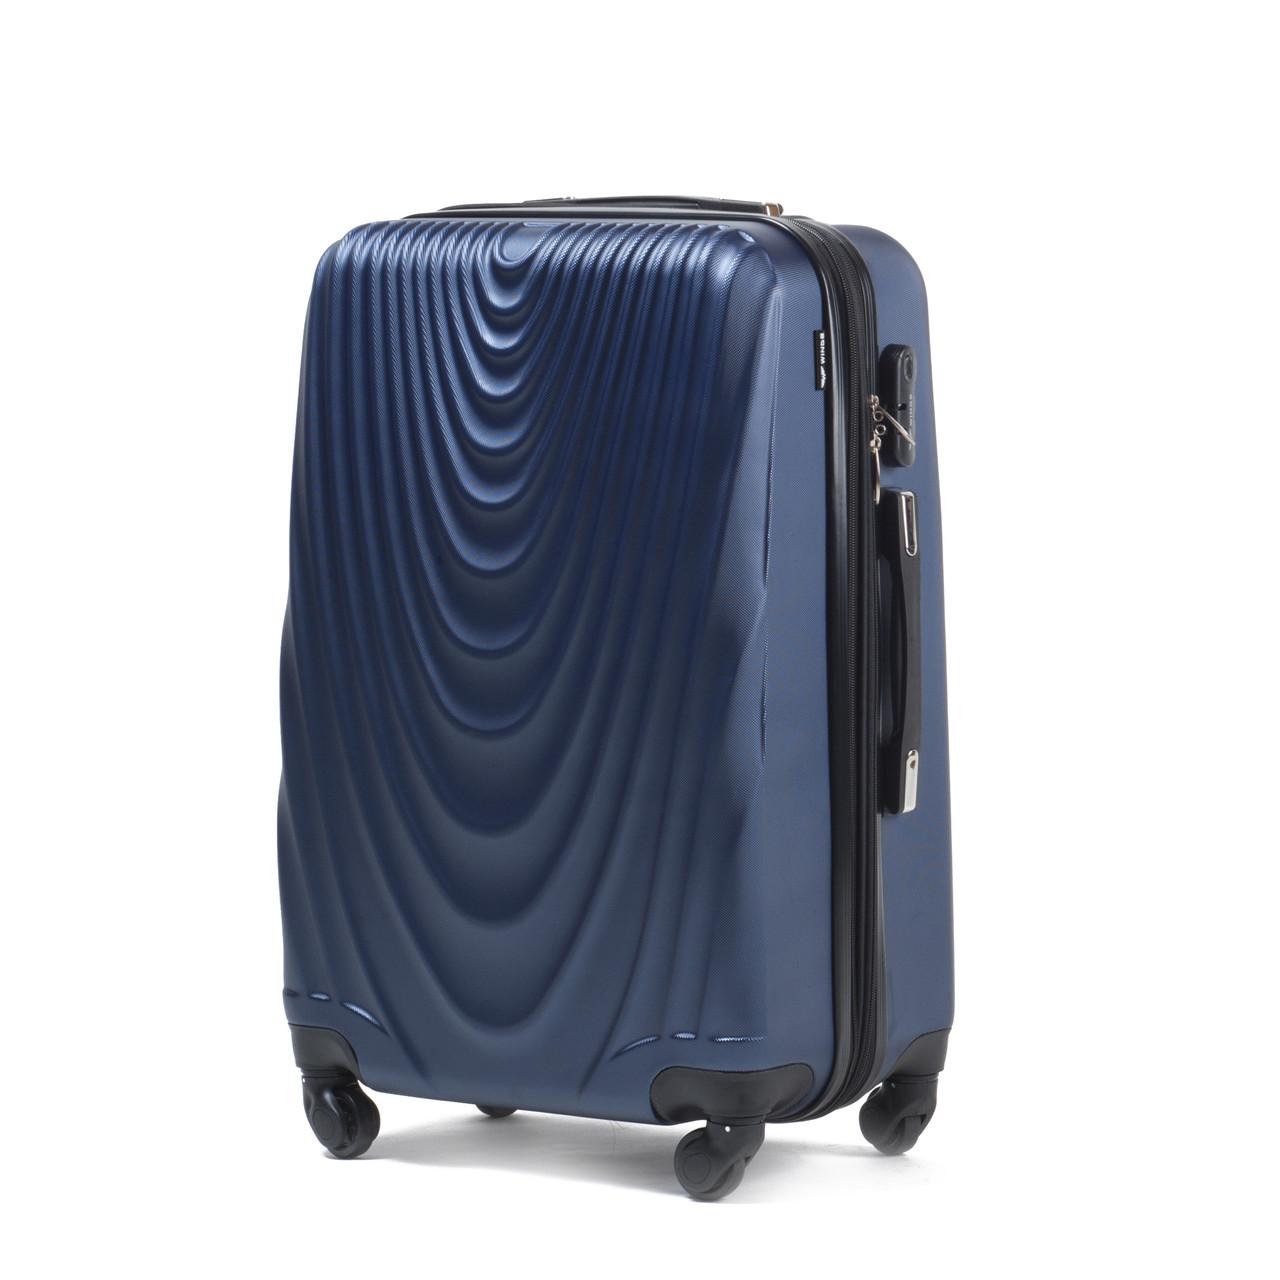 Чемодан Wings 304 средний 66х43х27 см 66л пластиковый на 4 колесах Темно-синий